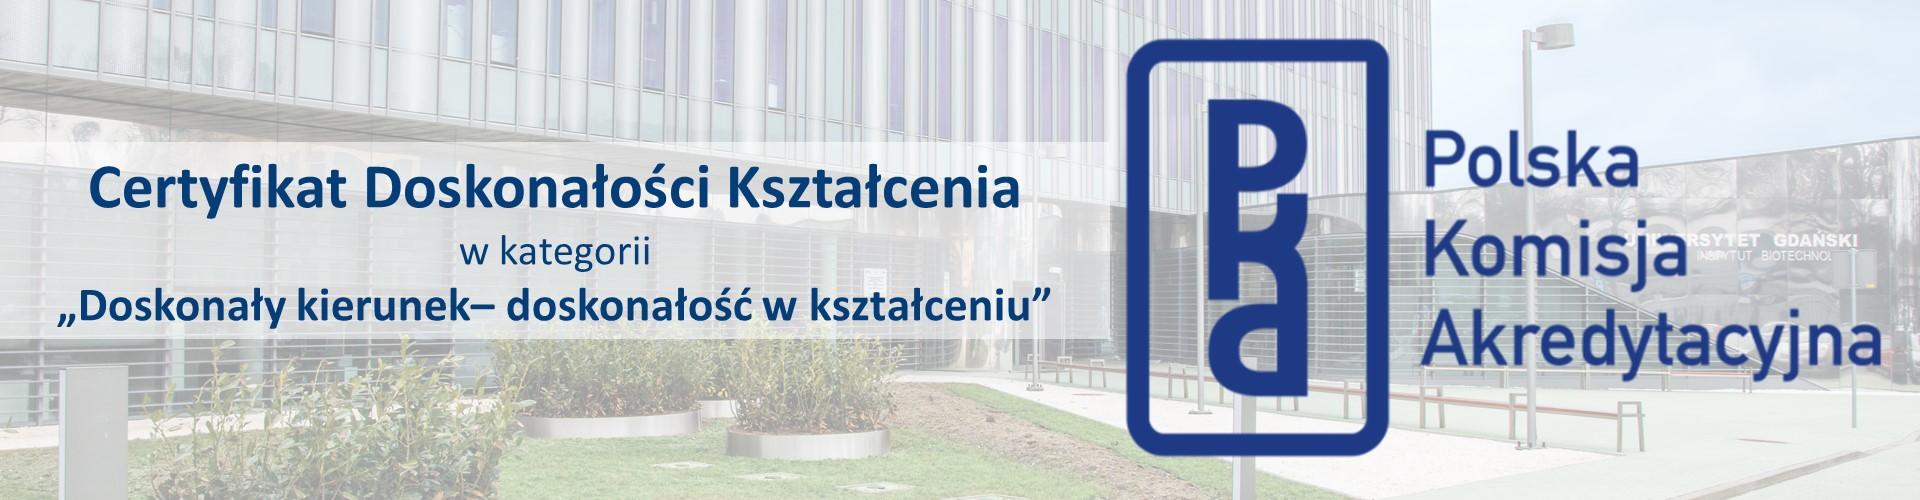 Kierunek Biotechnologia na MWB wyróżniony jako jedyny w Polsce